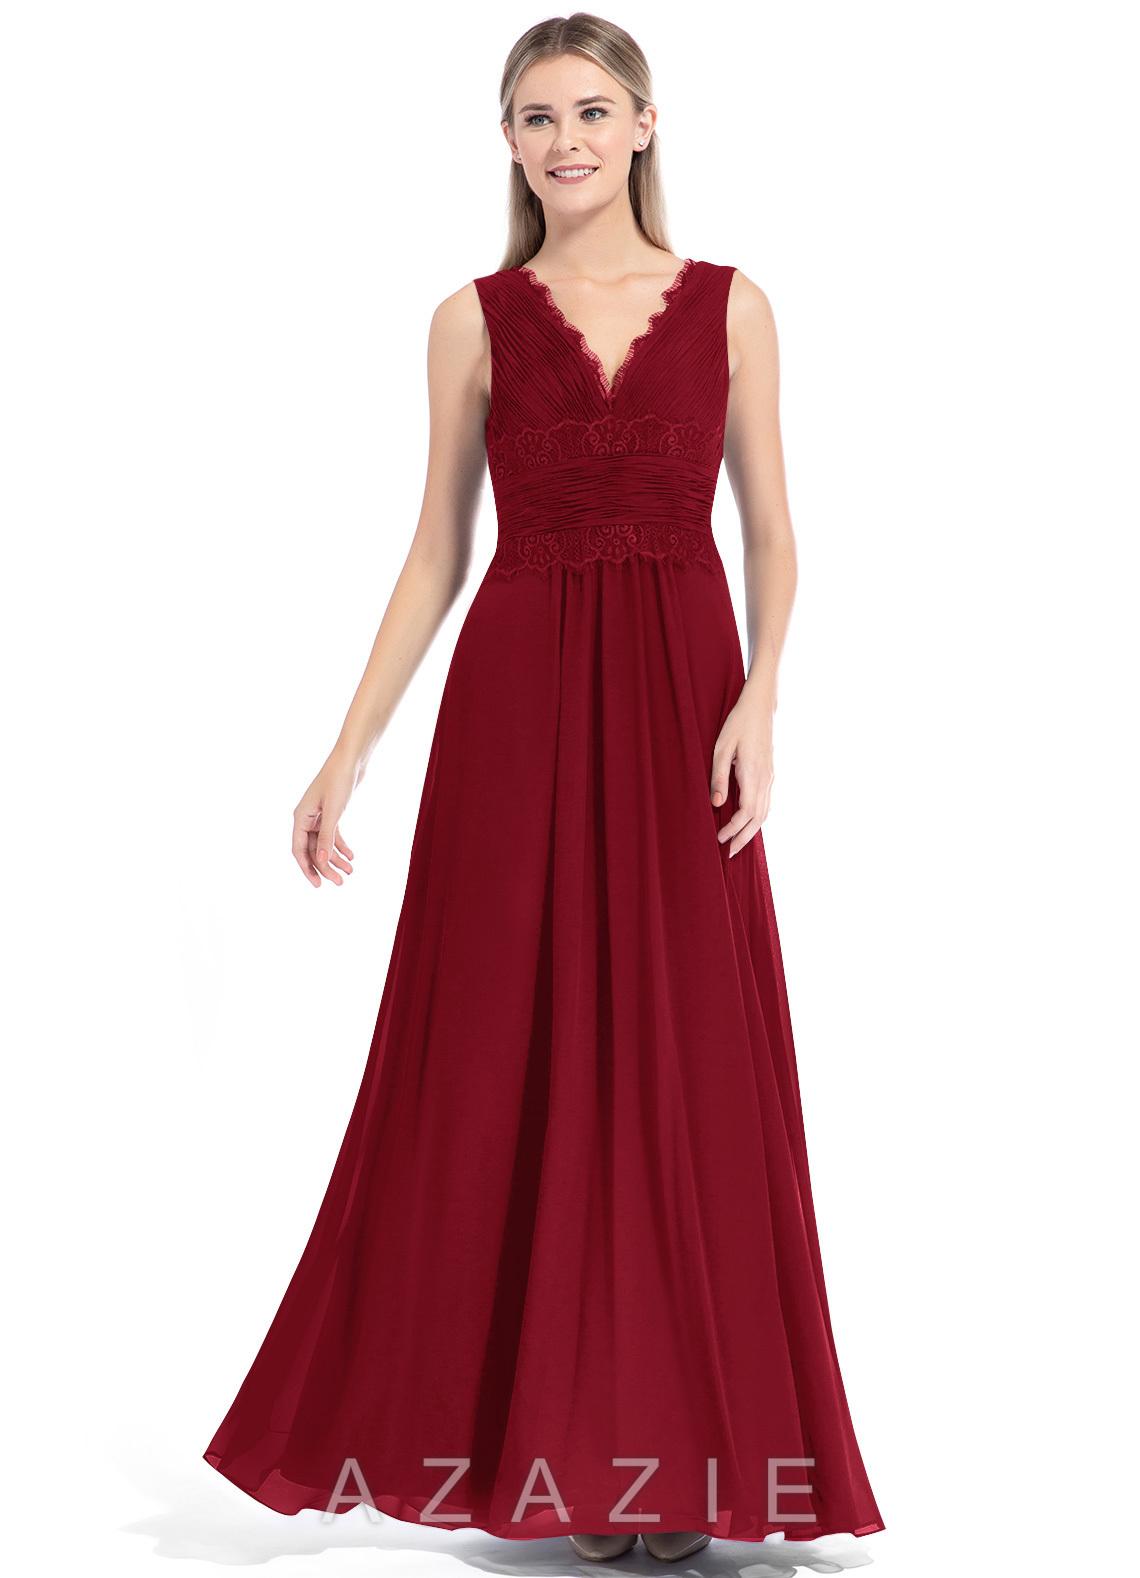 eda5c06822a Azazie Tessa Bridesmaid Dress